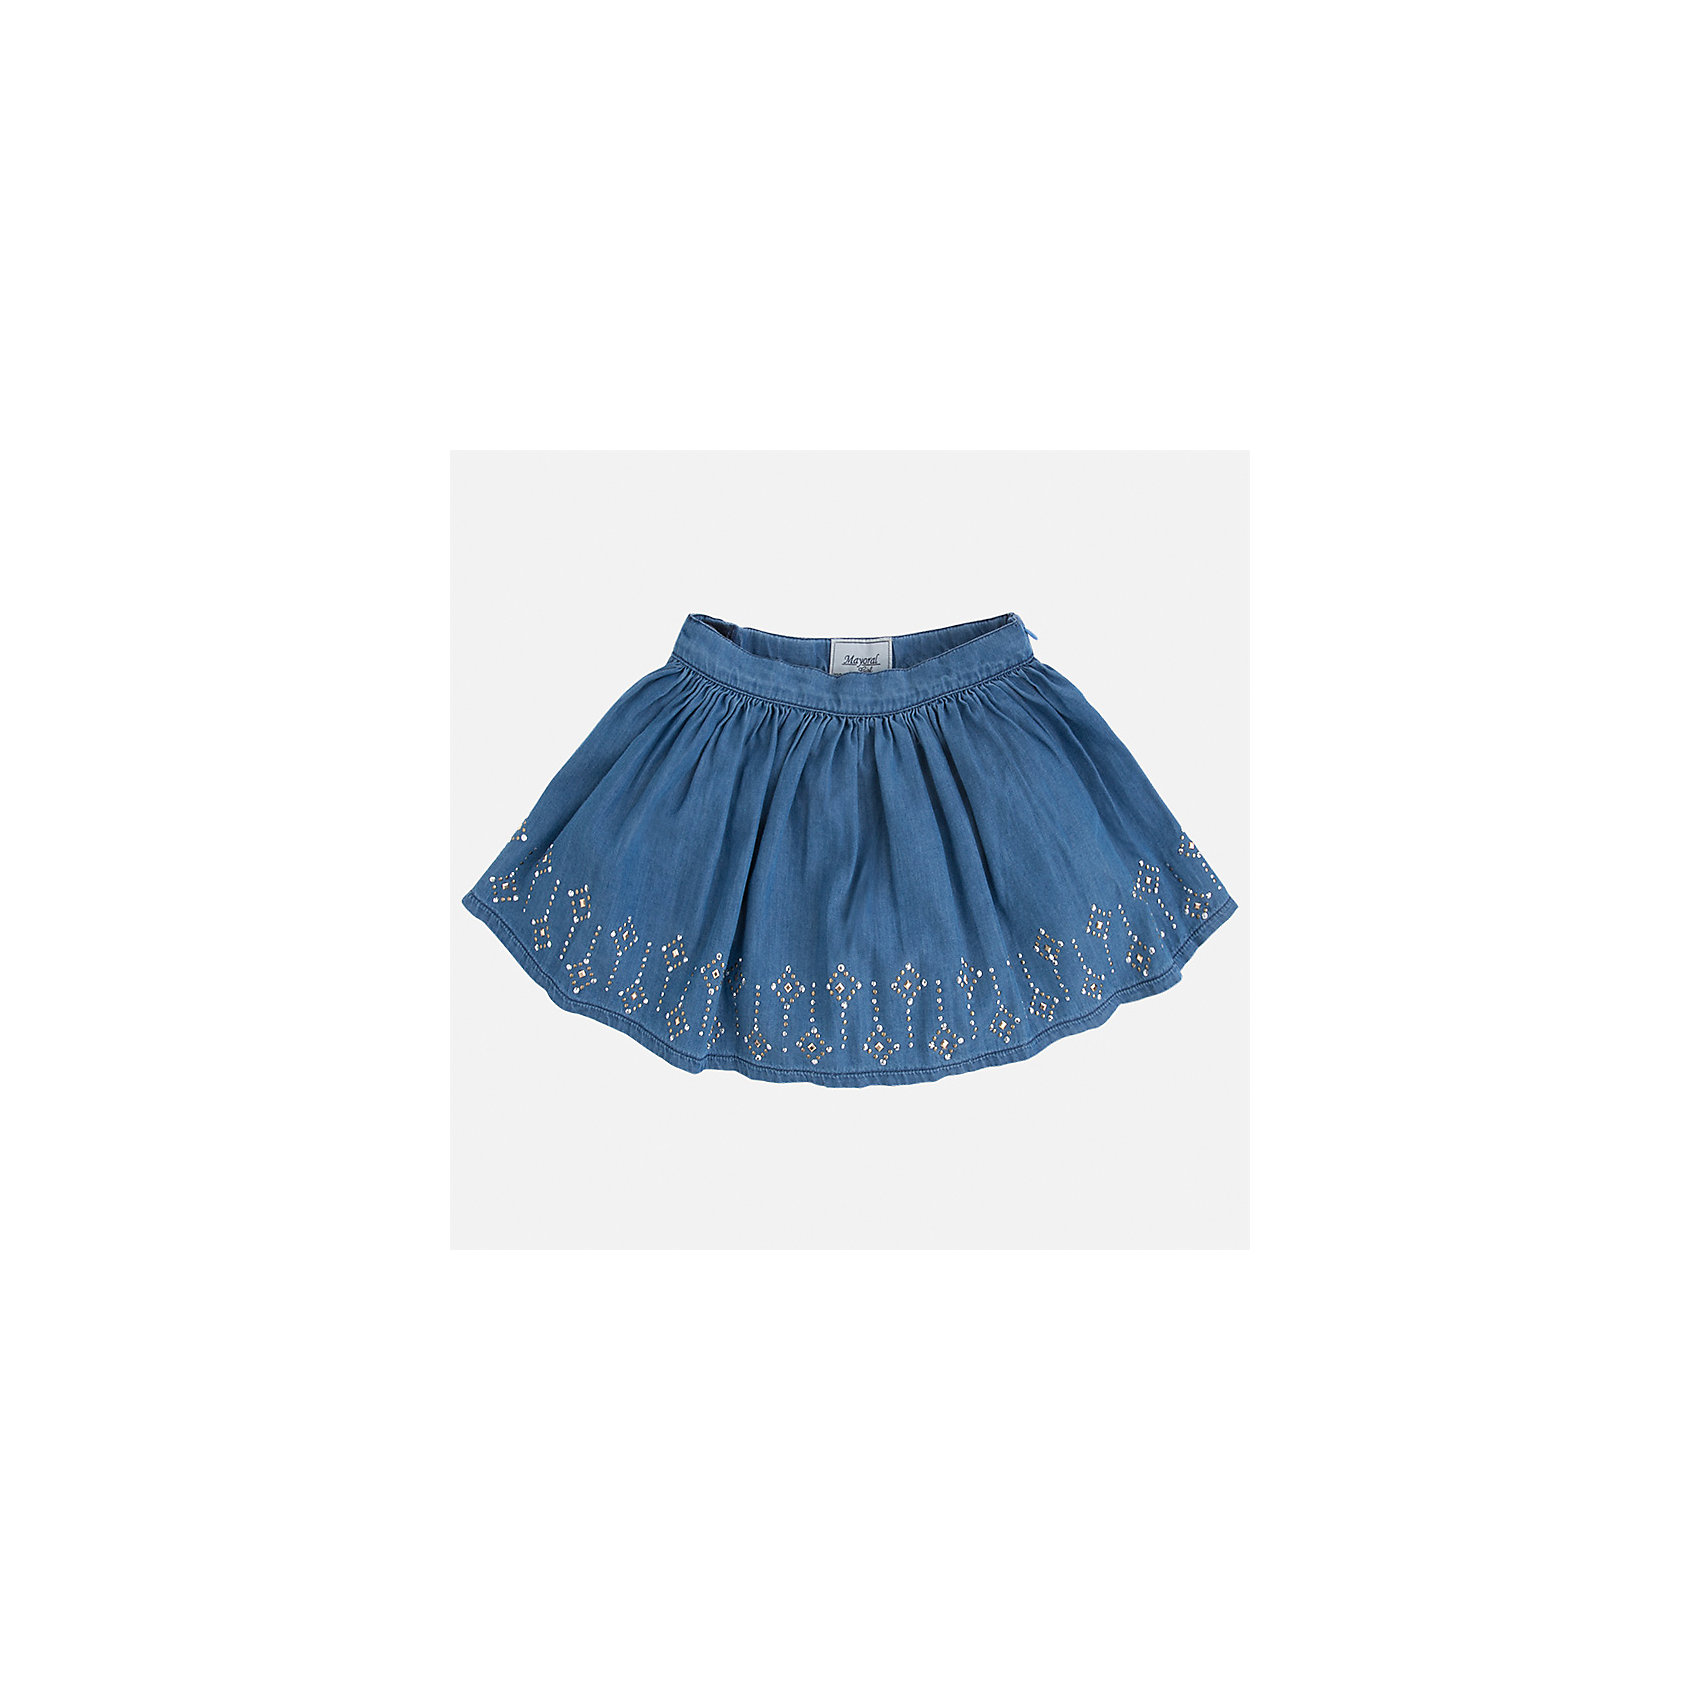 Юбка для девочки MayoralЮбки<br>Характеристики товара:<br><br>• цвет: голубой<br>• состав: 100% хлопок<br>• застежка: молния<br>• пышная<br>• украшена стразами<br>• страна бренда: Испания<br><br>Легкая юбка для девочки поможет разнообразить гардероб ребенка и создать эффектный наряд. Она отлично сочетаются с майками, футболками, блузками. Красивый оттенок позволяет подобрать к вещи верх разных расцветок. В составе материала - натуральный хлопок, гипоаллергенный, приятный на ощупь, дышащий. Юбка отлично сидит и не стесняет движения.<br><br>Одежда, обувь и аксессуары от испанского бренда Mayoral полюбились детям и взрослым по всему миру. Модели этой марки - стильные и удобные. Для их производства используются только безопасные, качественные материалы и фурнитура. Порадуйте ребенка модными и красивыми вещами от Mayoral! <br><br>Юбку для девочки от испанского бренда Mayoral (Майорал) можно купить в нашем интернет-магазине.<br><br>Ширина мм: 207<br>Глубина мм: 10<br>Высота мм: 189<br>Вес г: 183<br>Цвет: голубой<br>Возраст от месяцев: 96<br>Возраст до месяцев: 108<br>Пол: Женский<br>Возраст: Детский<br>Размер: 134,92,98,104,110,116,122,128<br>SKU: 5290930